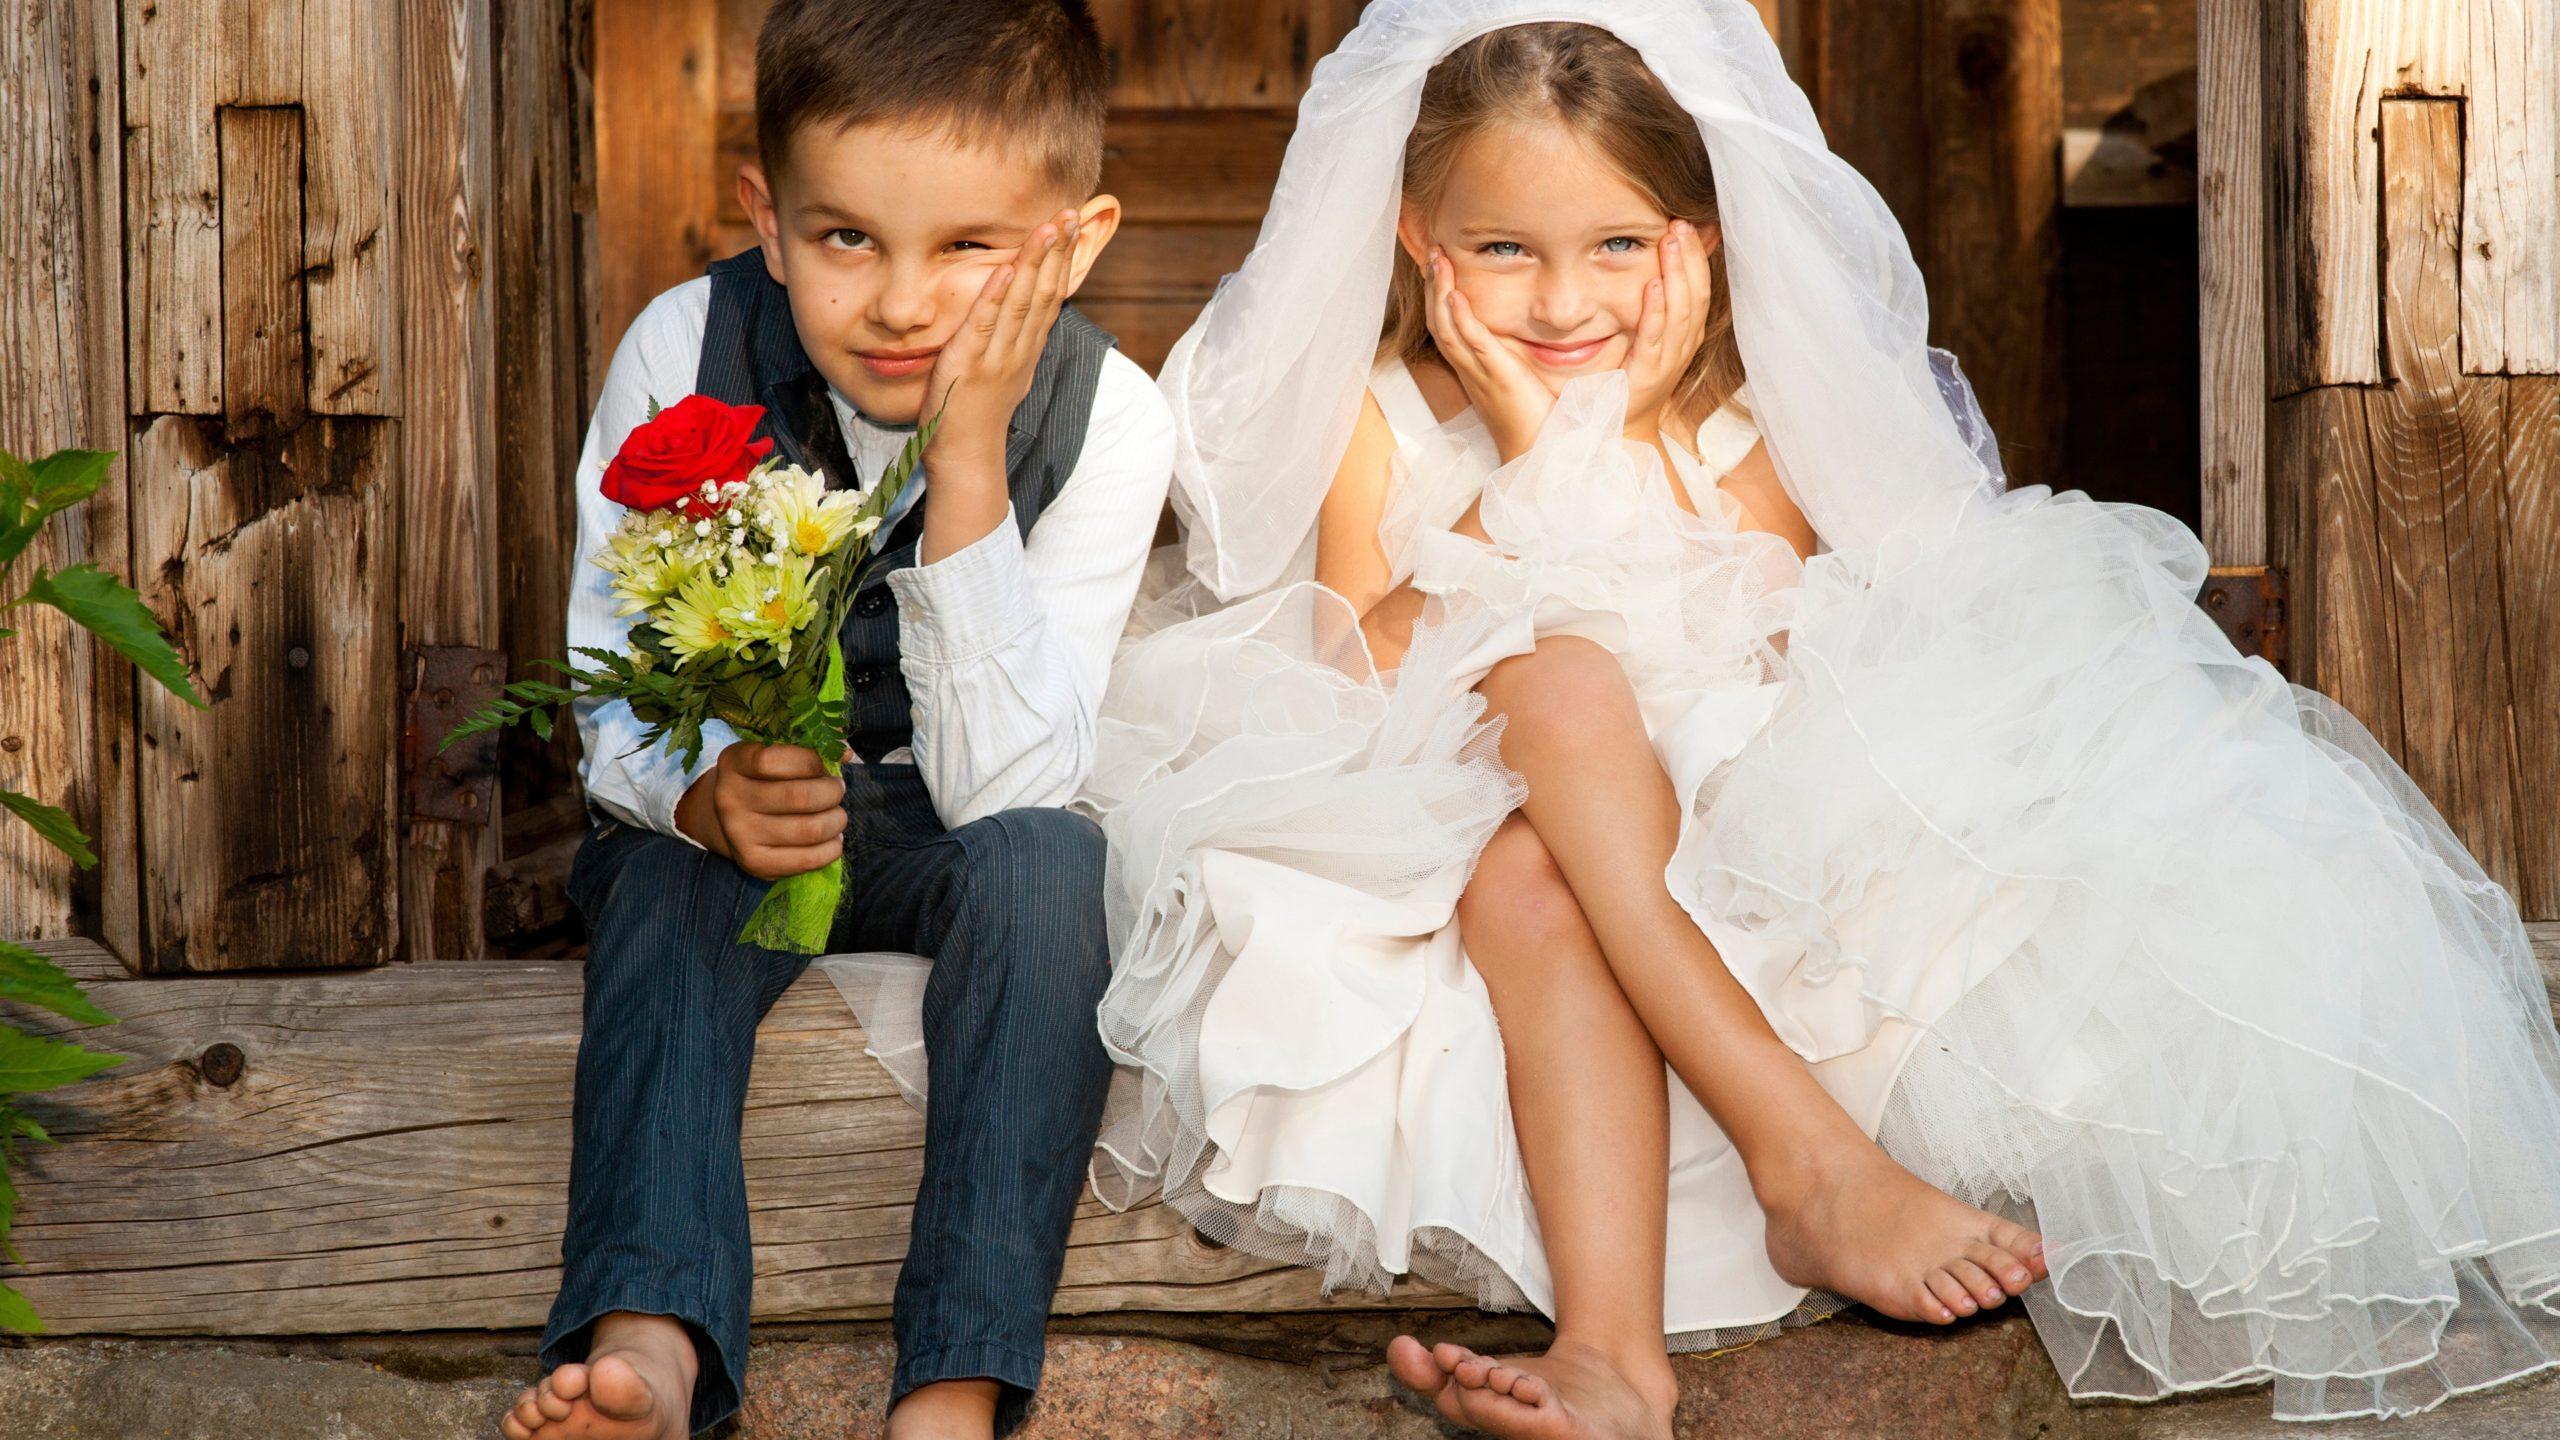 Бренды свадебной одежды выступают против ранних браков